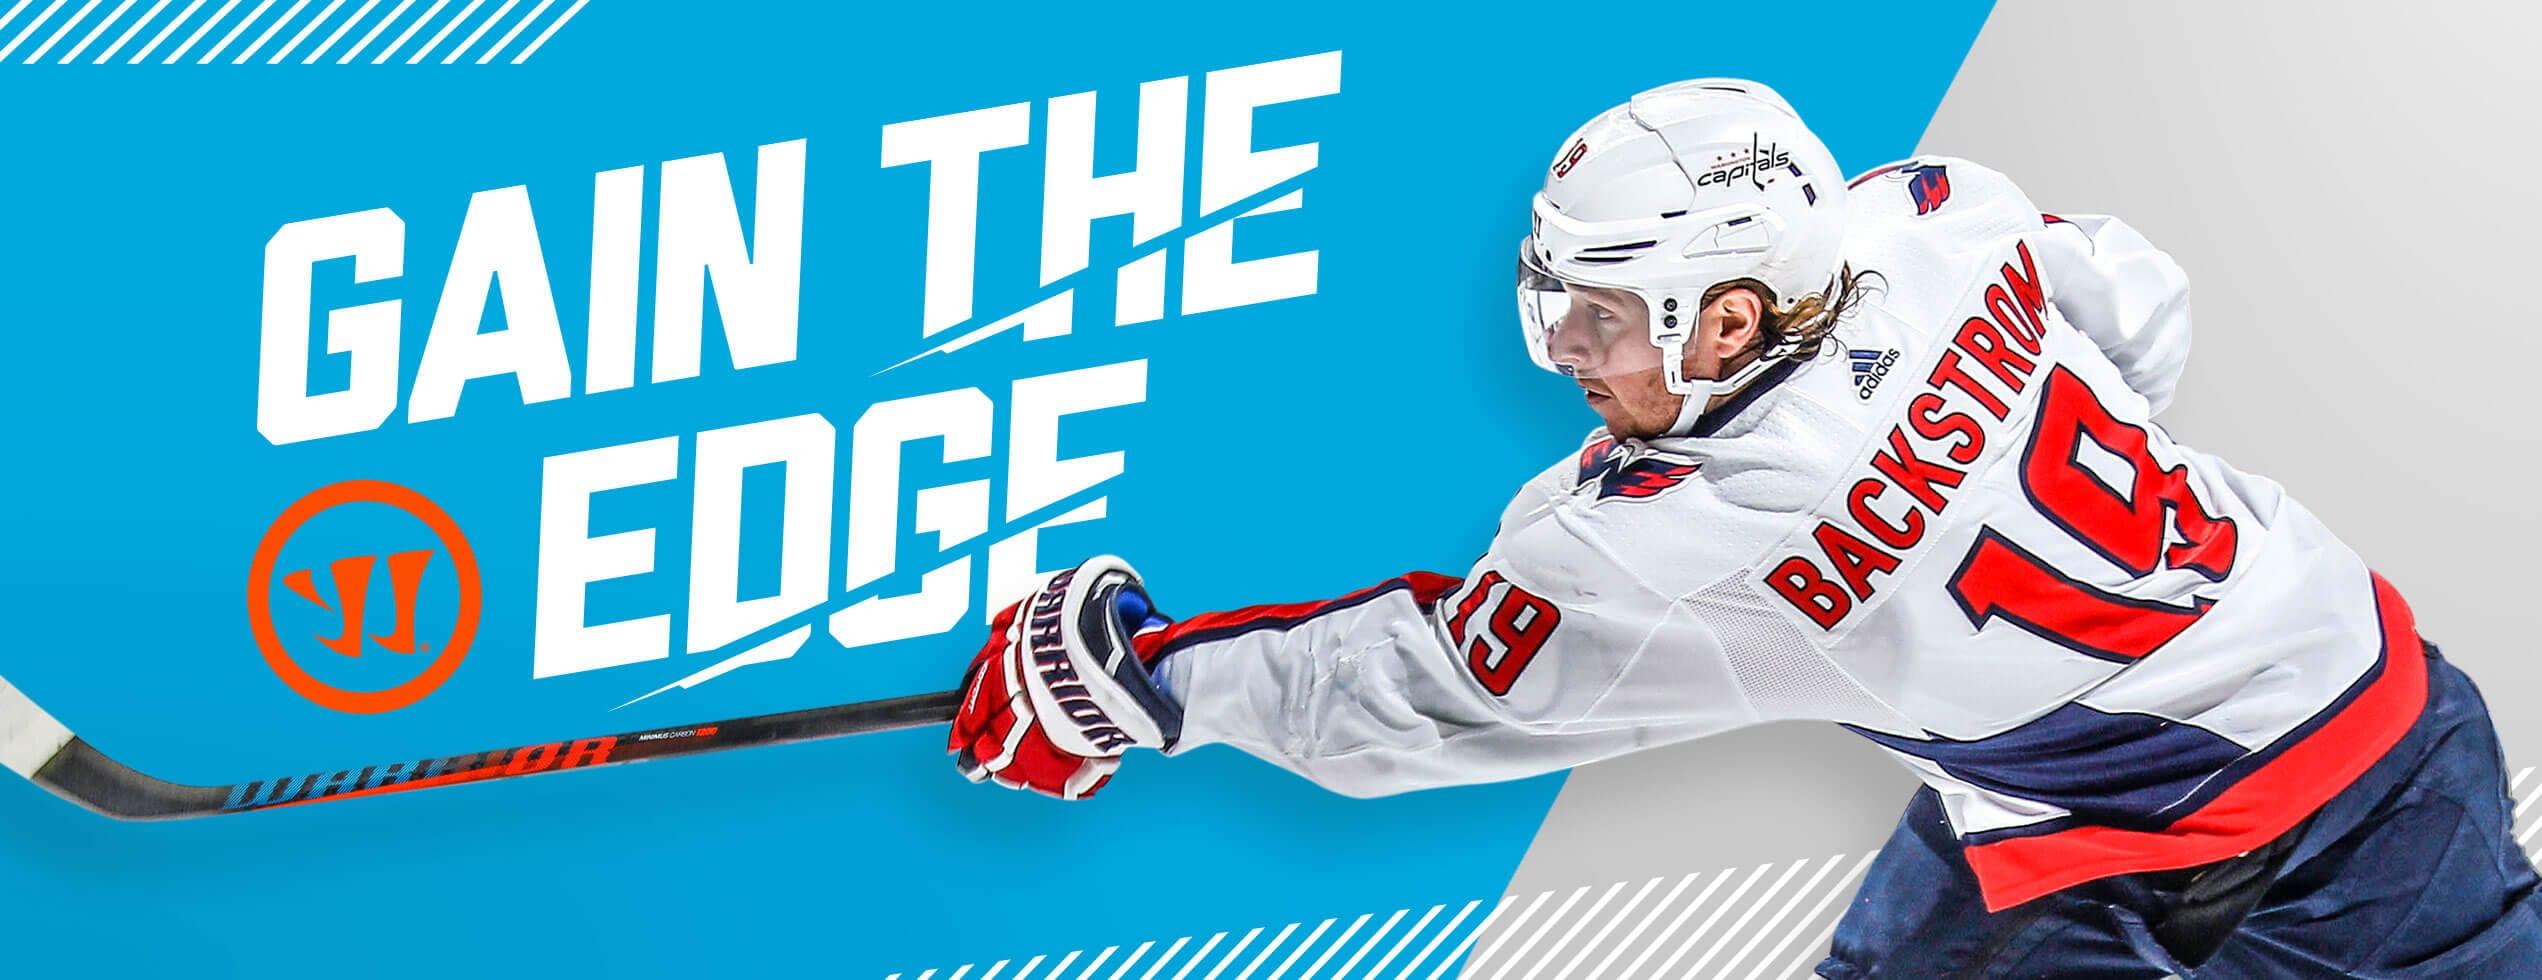 Gain the Edge